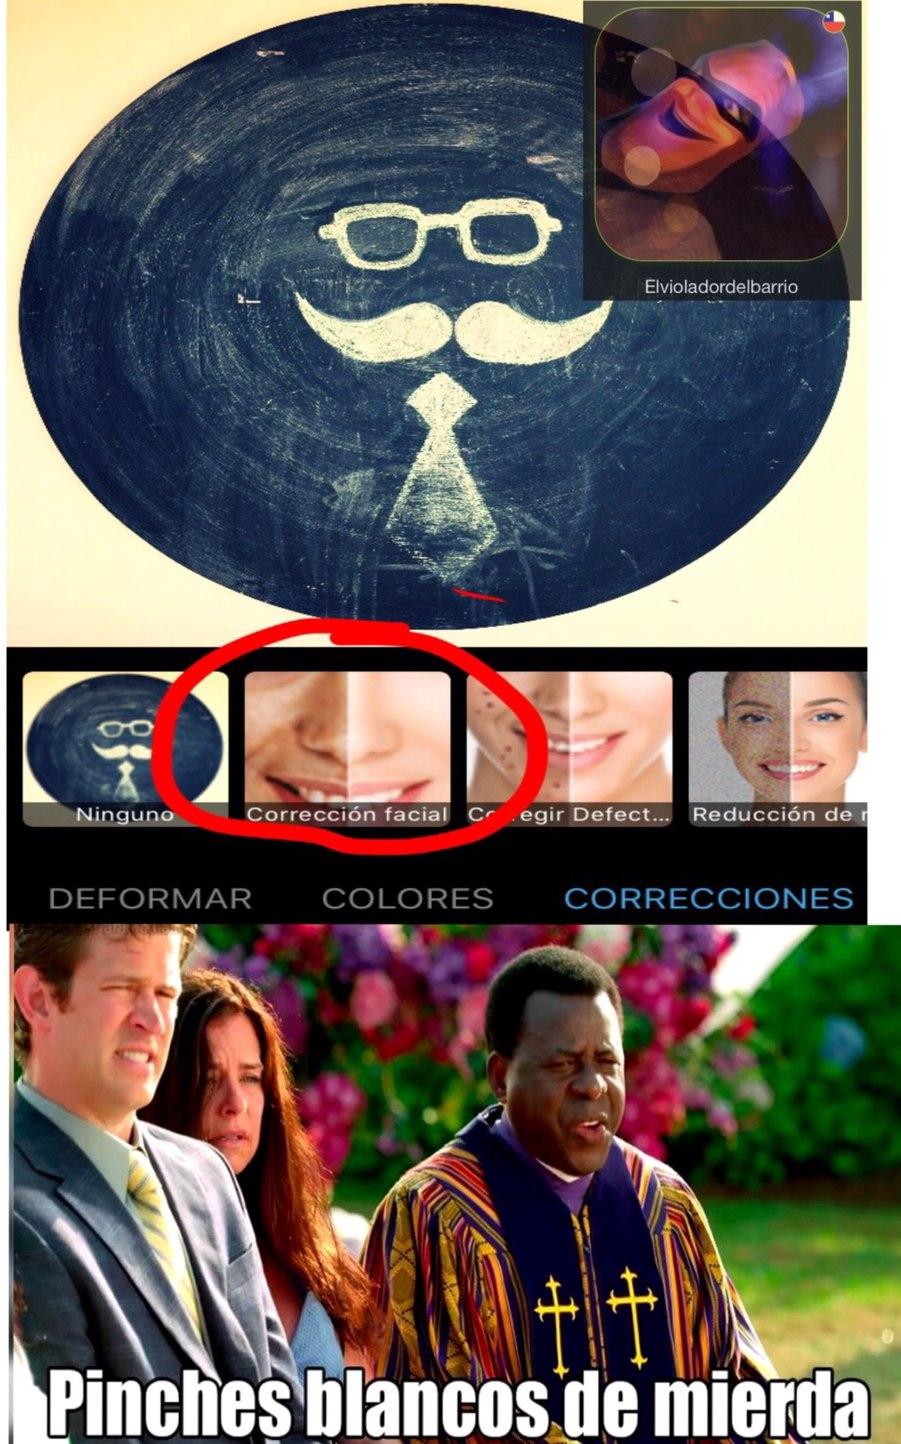 """""""""""CORRECTOR"""""""""""" Facial - meme"""